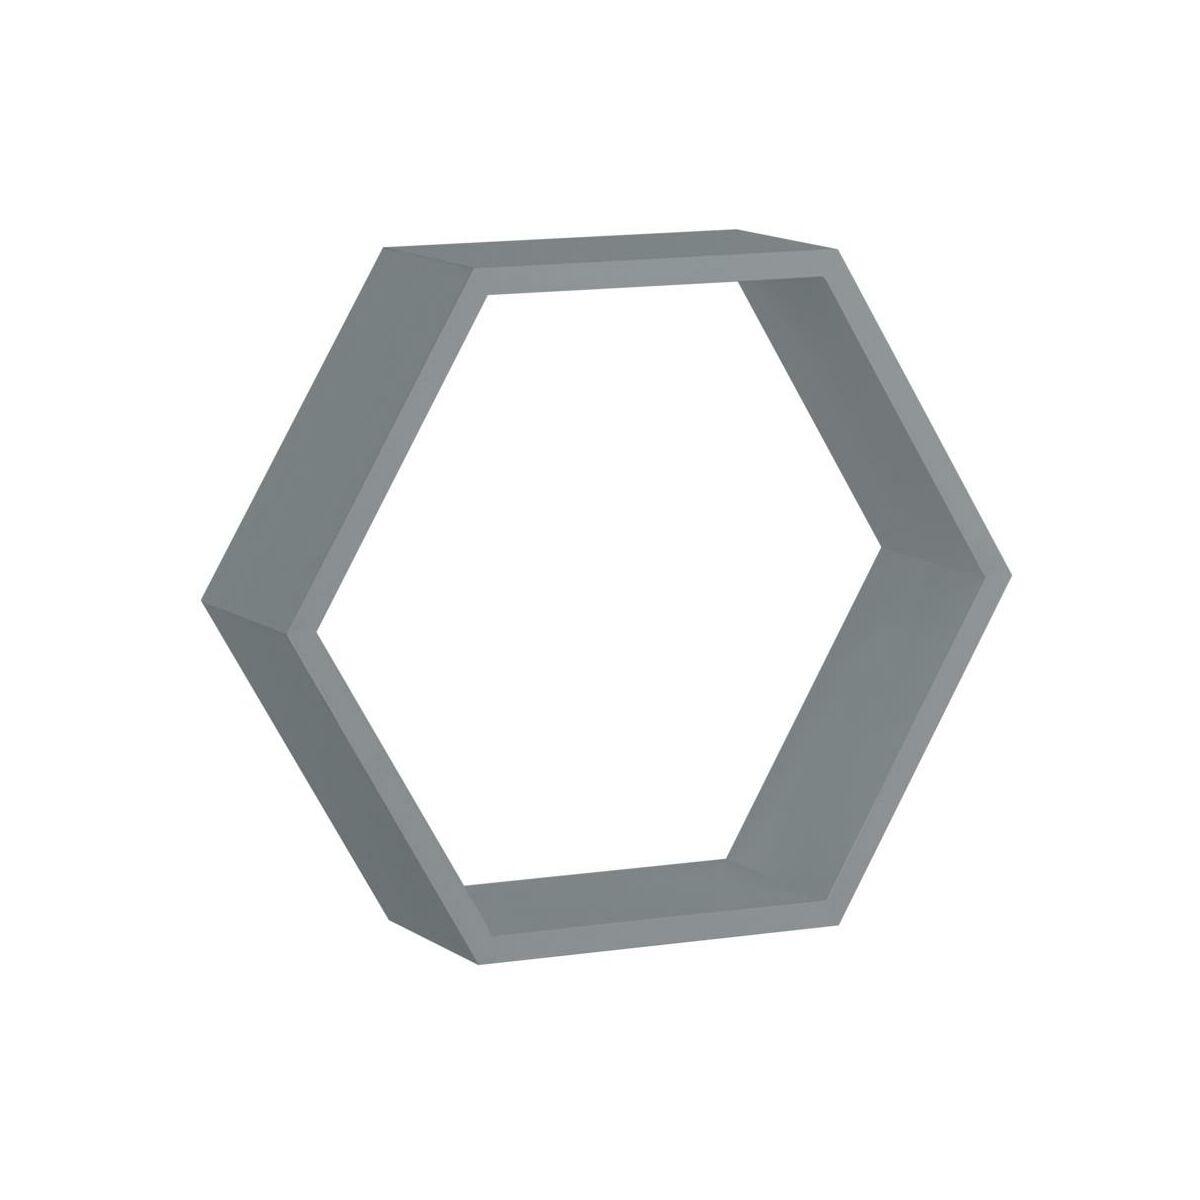 Polka Scienna Hexagon Szara 30 X 26 Cm Spaceo Polki W Atrakcyjnej Cenie W Sklepach Leroy Merlin